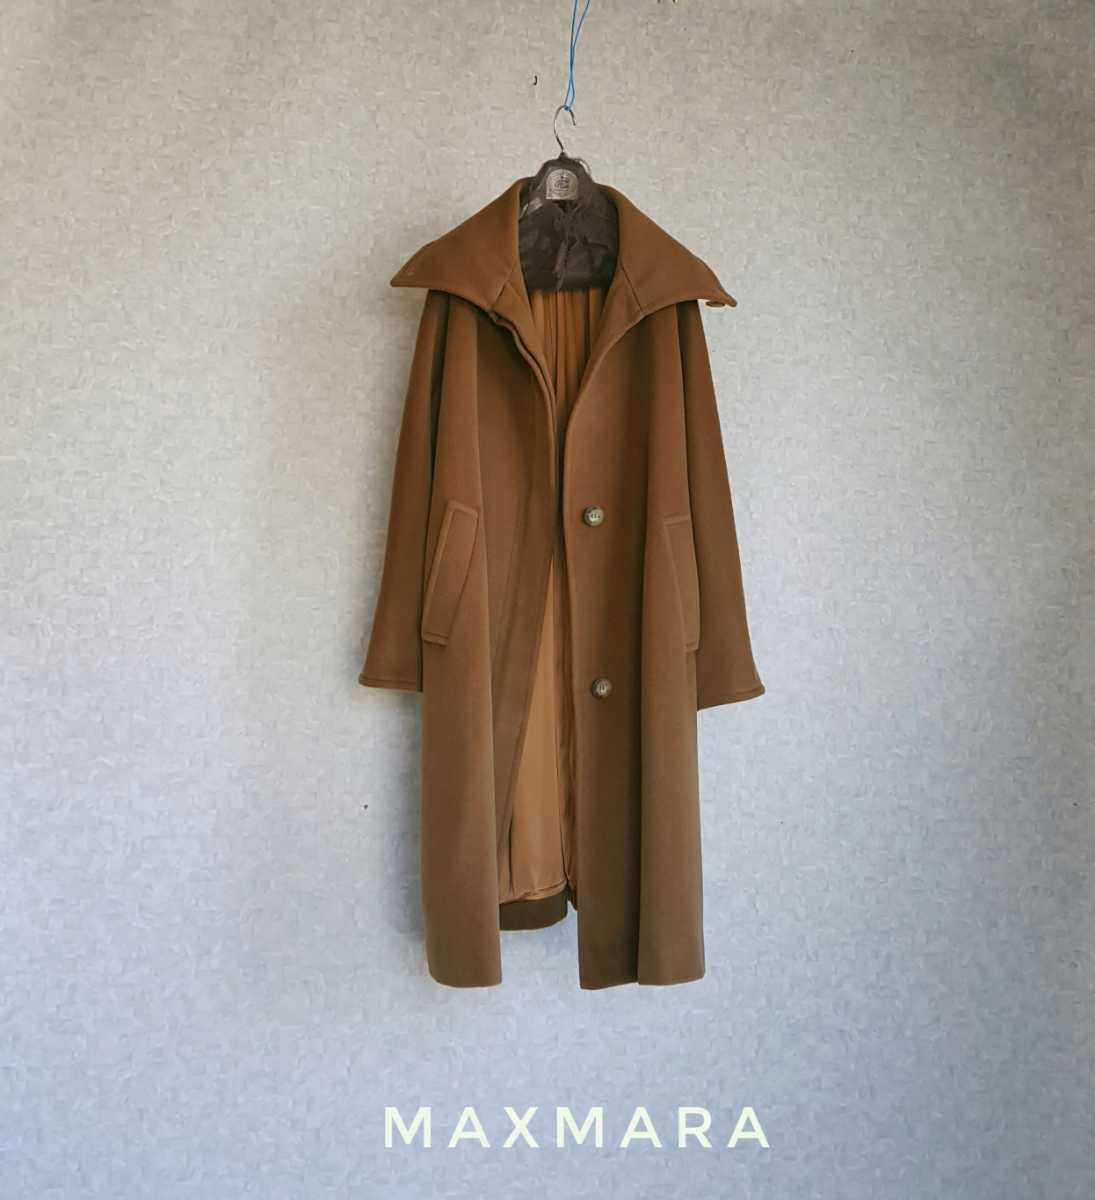 超高級 MaxMara 一級品イタリア製ロングコート 豪華肉厚生地 マックスマーラ 最高級白タグ 送料無料 エレガントスタイル